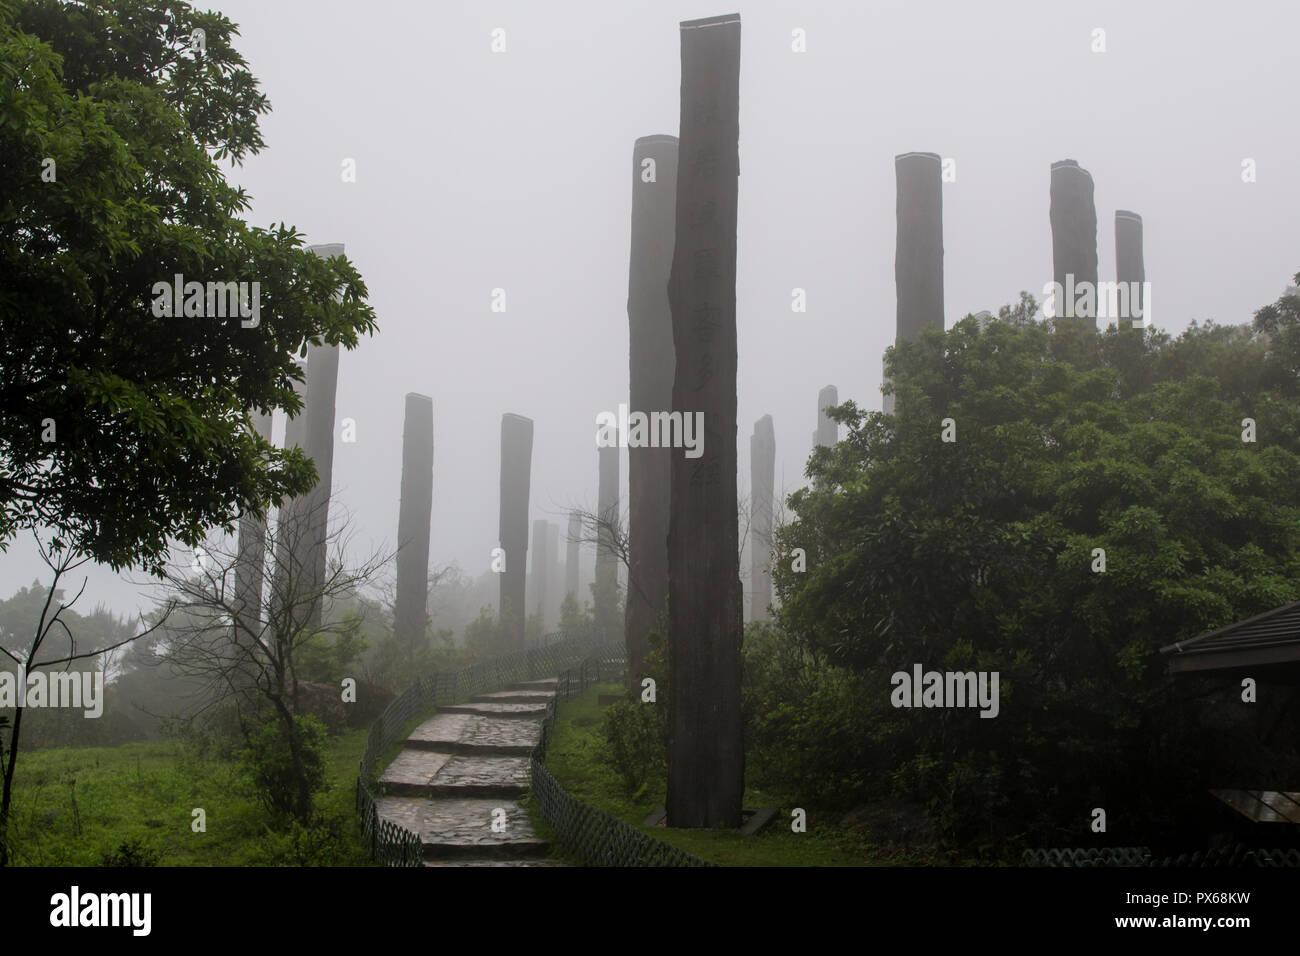 Tall wooden steles at the Wisdom Path, Lantau Island, Hong Kong, China. - Stock Image